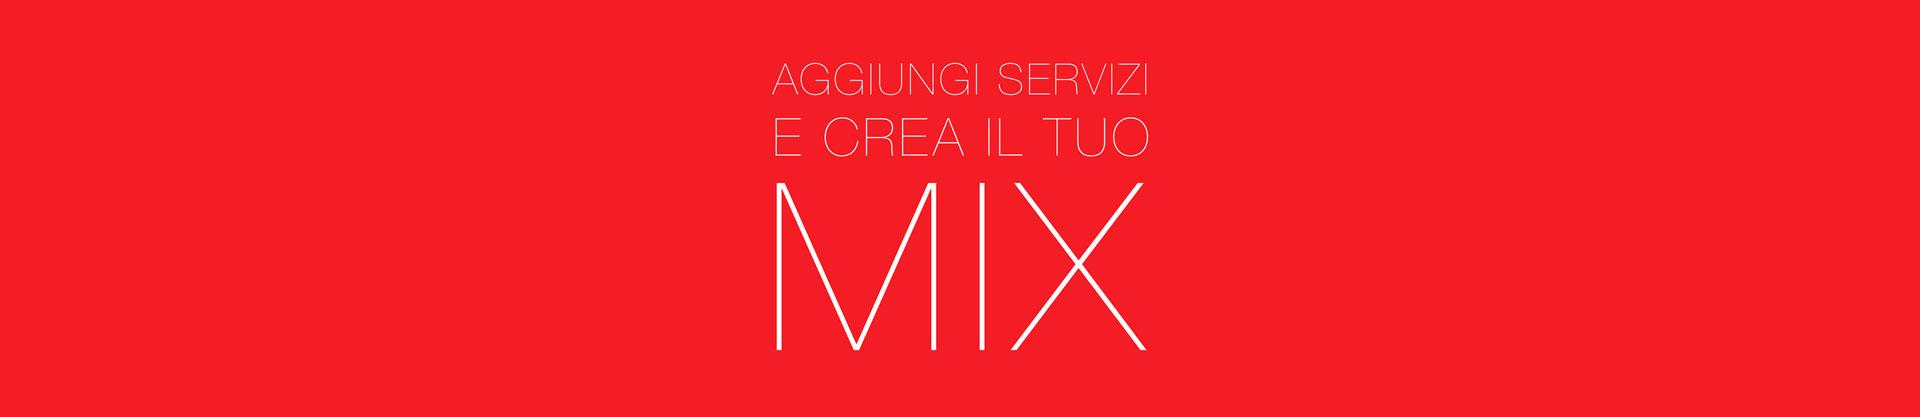 mix servizi shake it